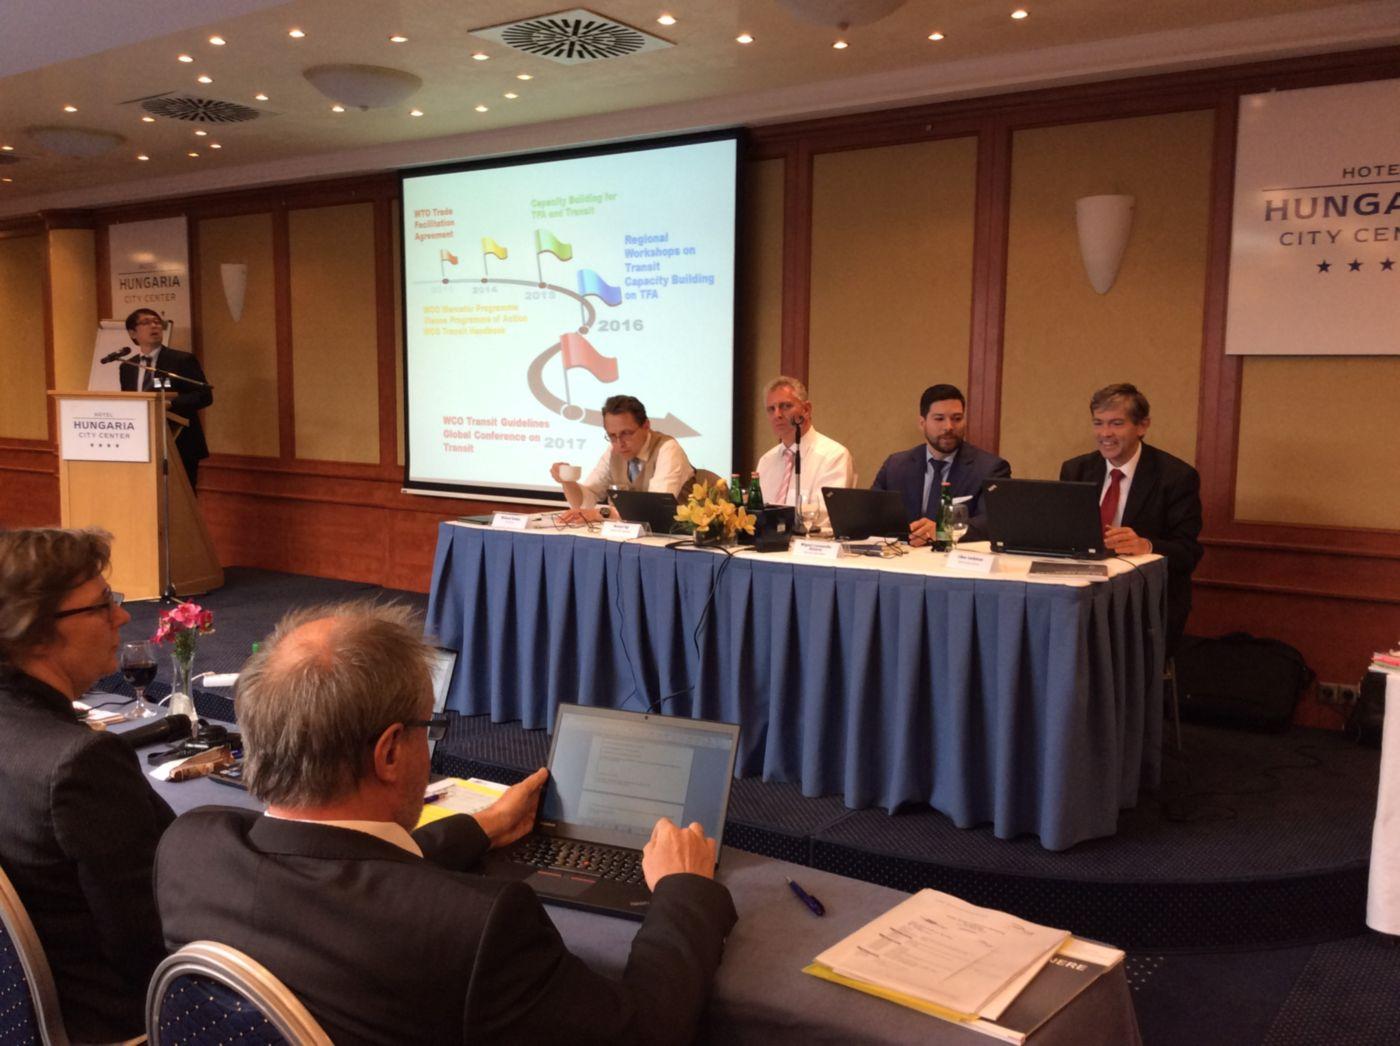 CER találkozó Budapesten – a házigazda a Rail Cargo Hungaria volt